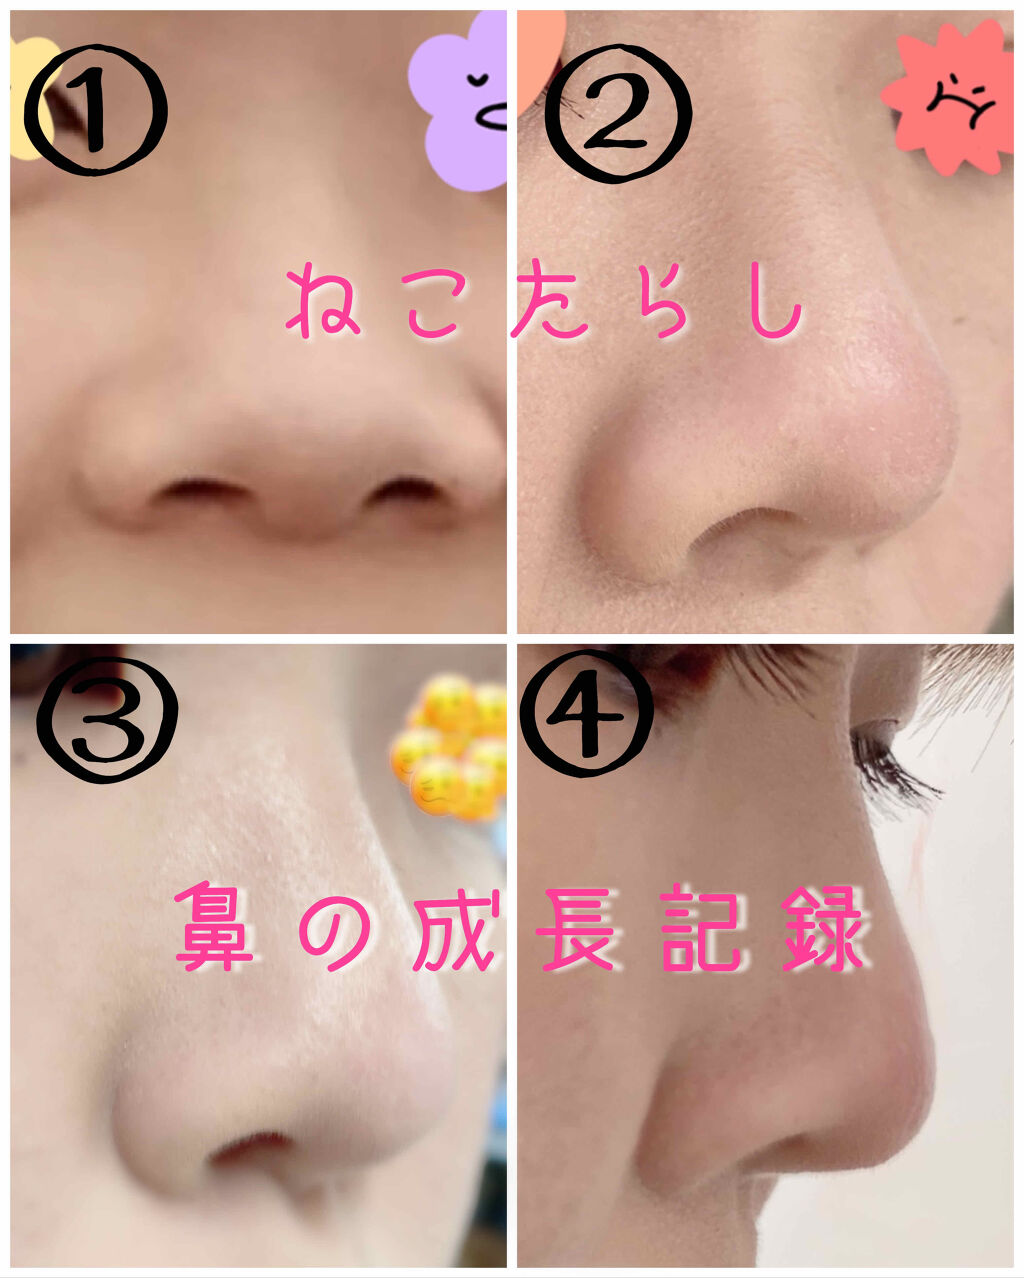 高く 鼻 器具 を する